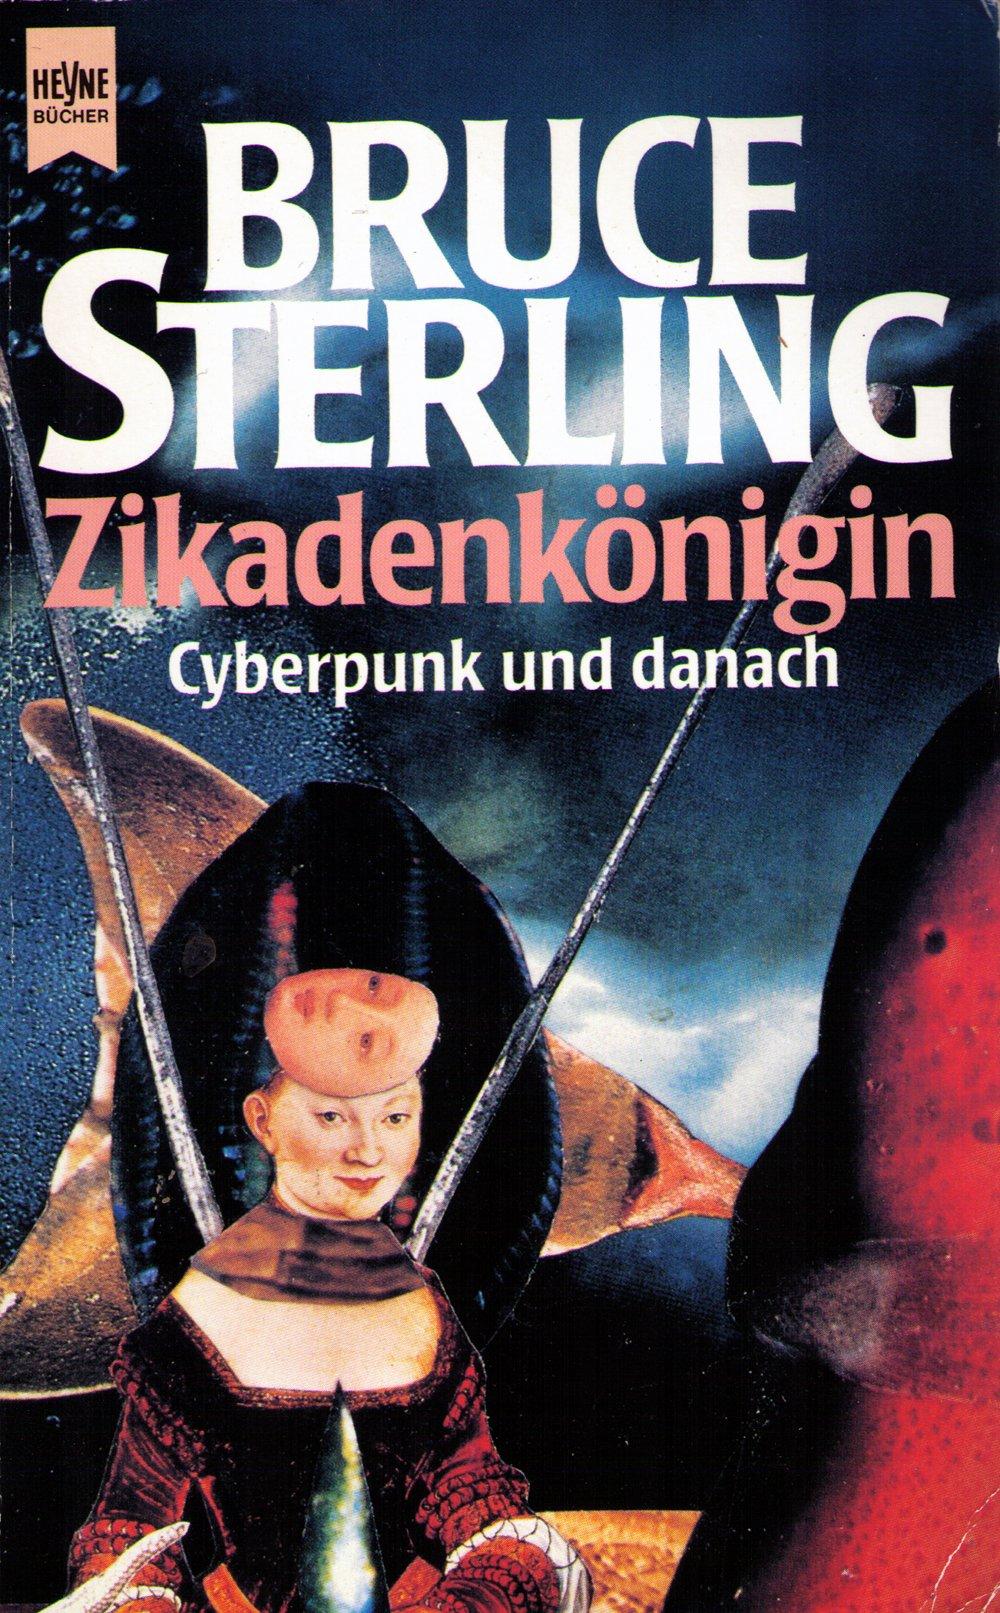 Bruce Sterling - Zikadenkönigin. Cyberpunk und danach